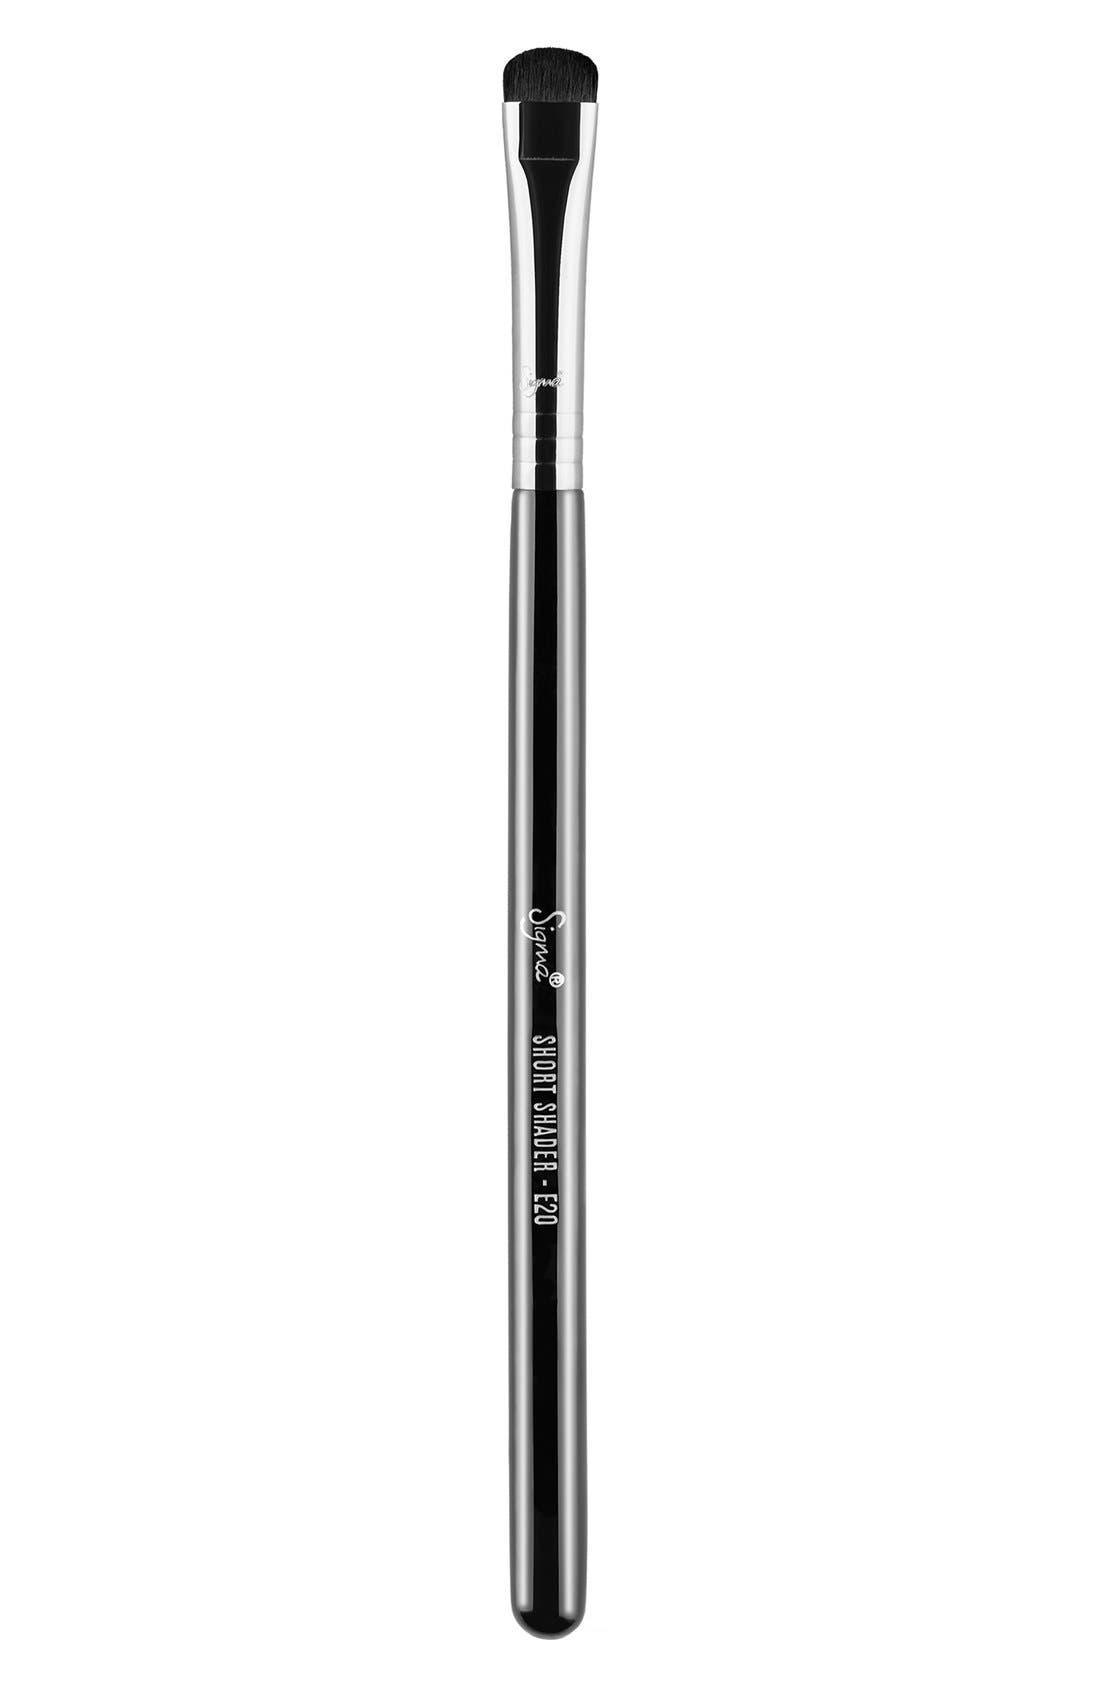 E20 Short Shader Brush,                             Main thumbnail 1, color,                             NO COLOR